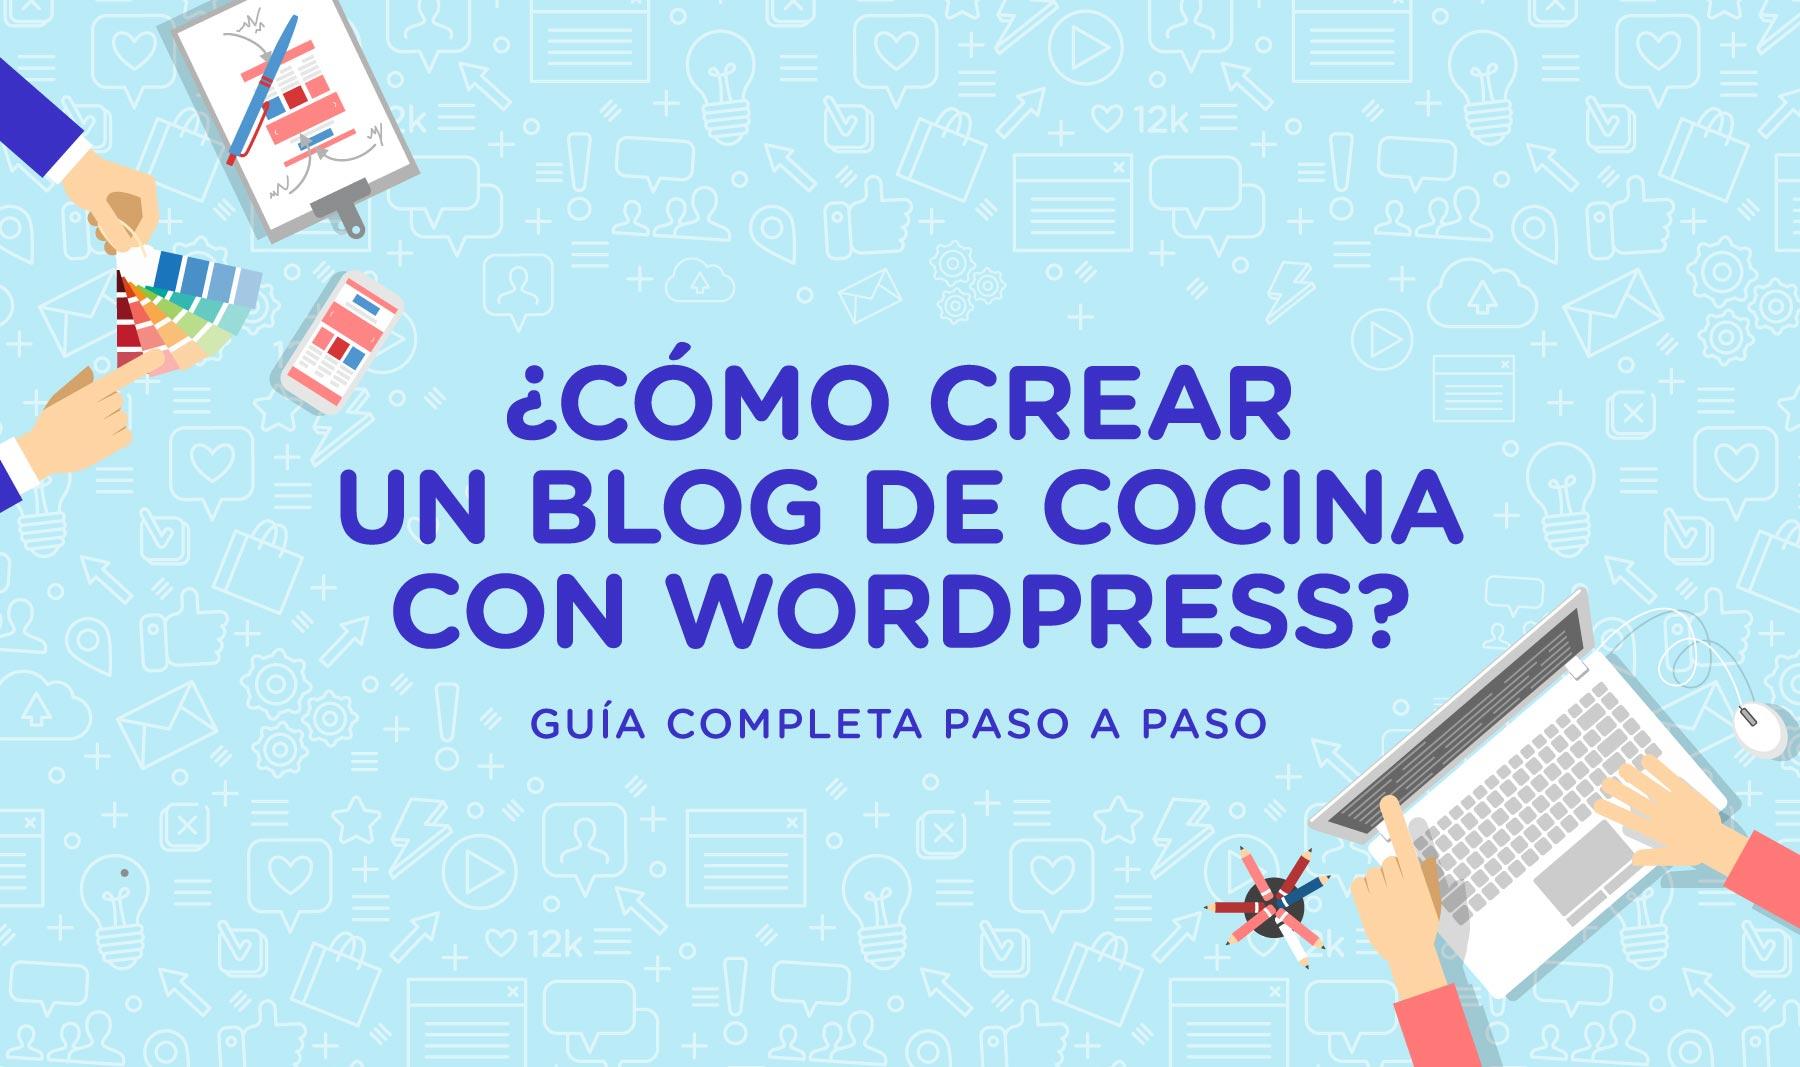 Guía completa para crear un blog de cocina